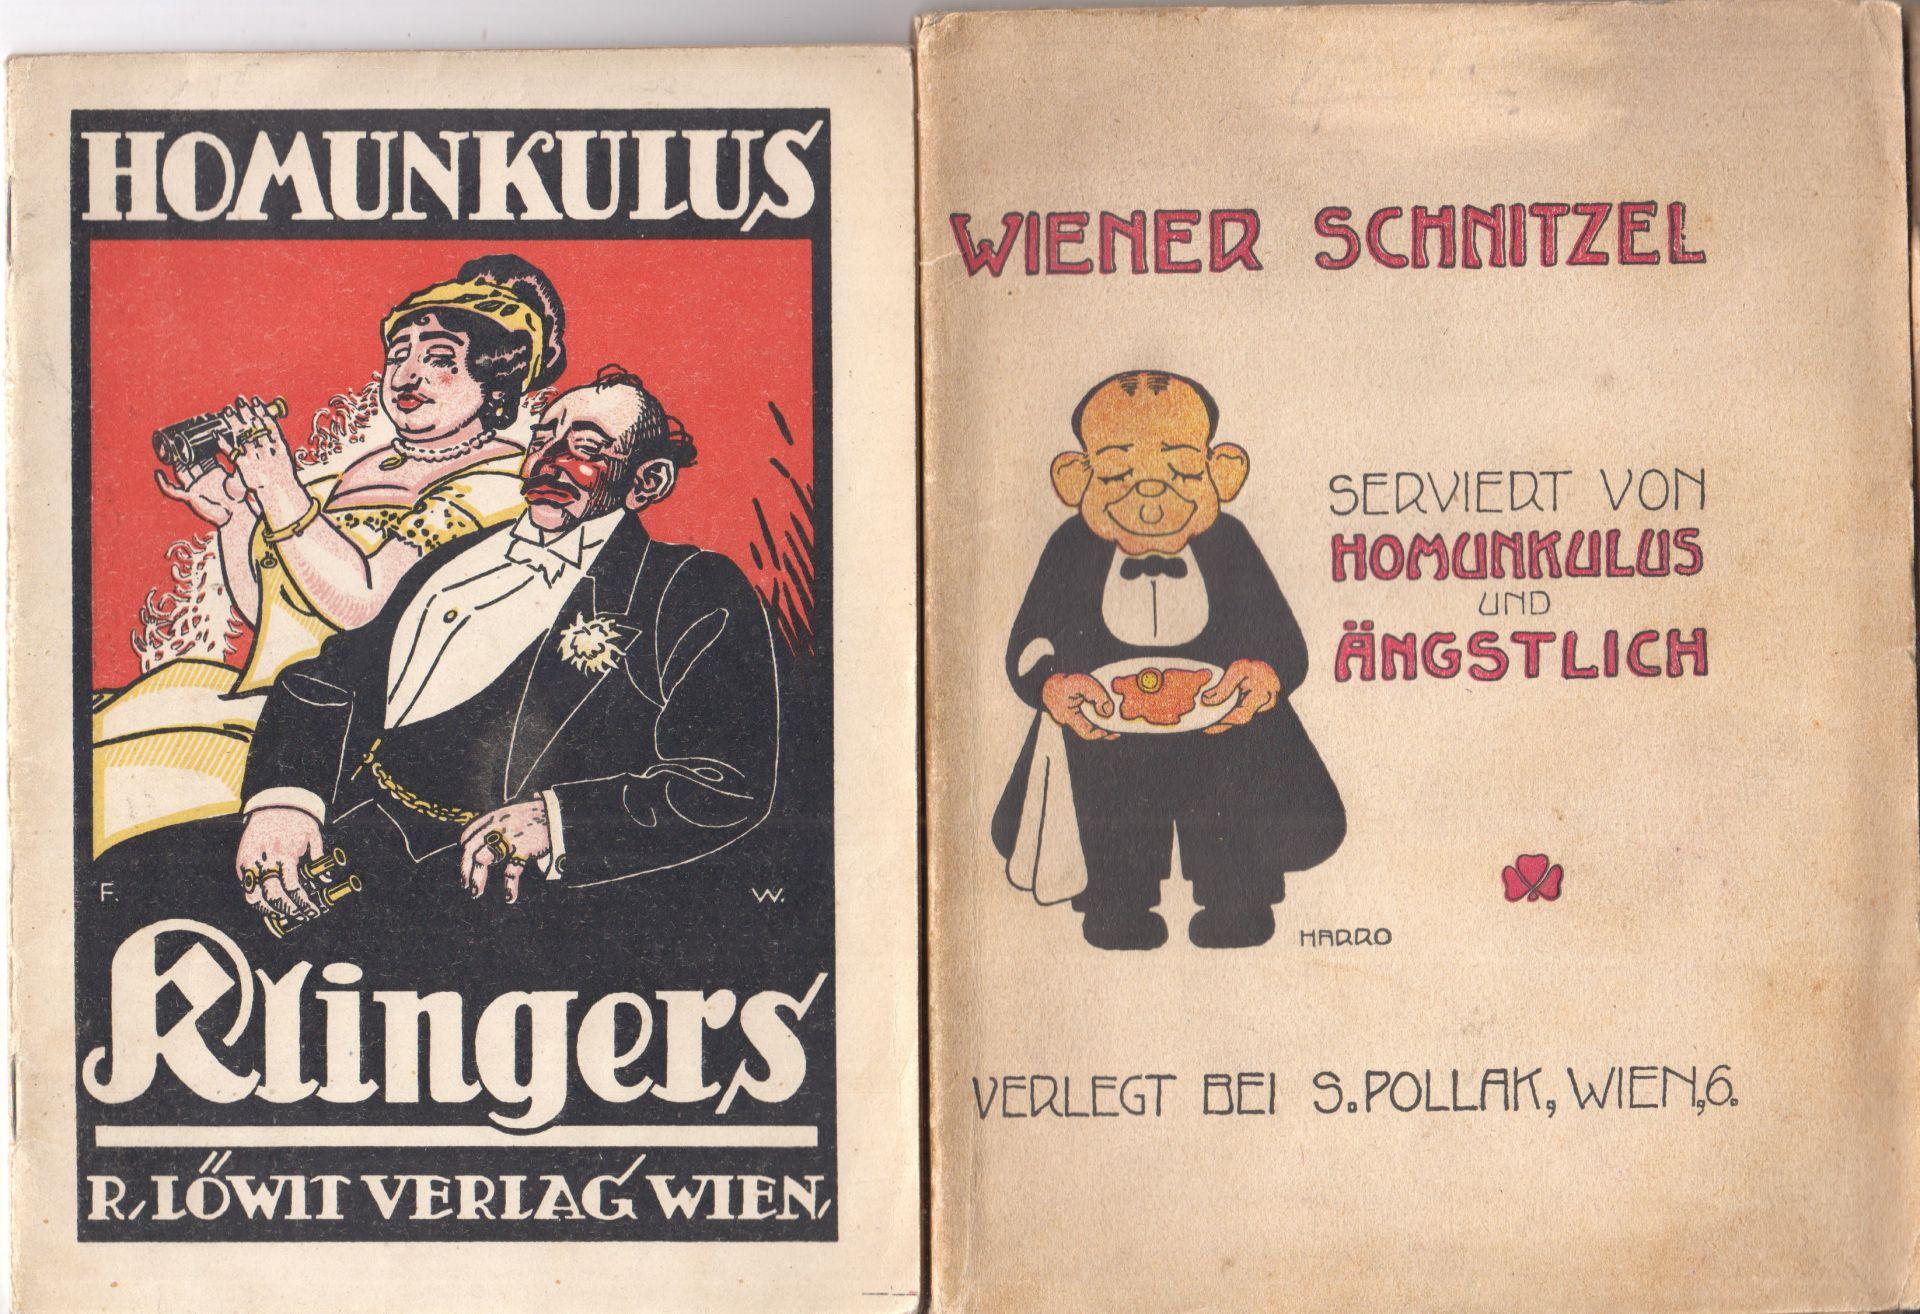 Wiener Schnitzel. Humoristische Vorträge, Kabaretgedichte, Anekdoten etc. serviert von Homunkulus und Tobias Änfgstlich.